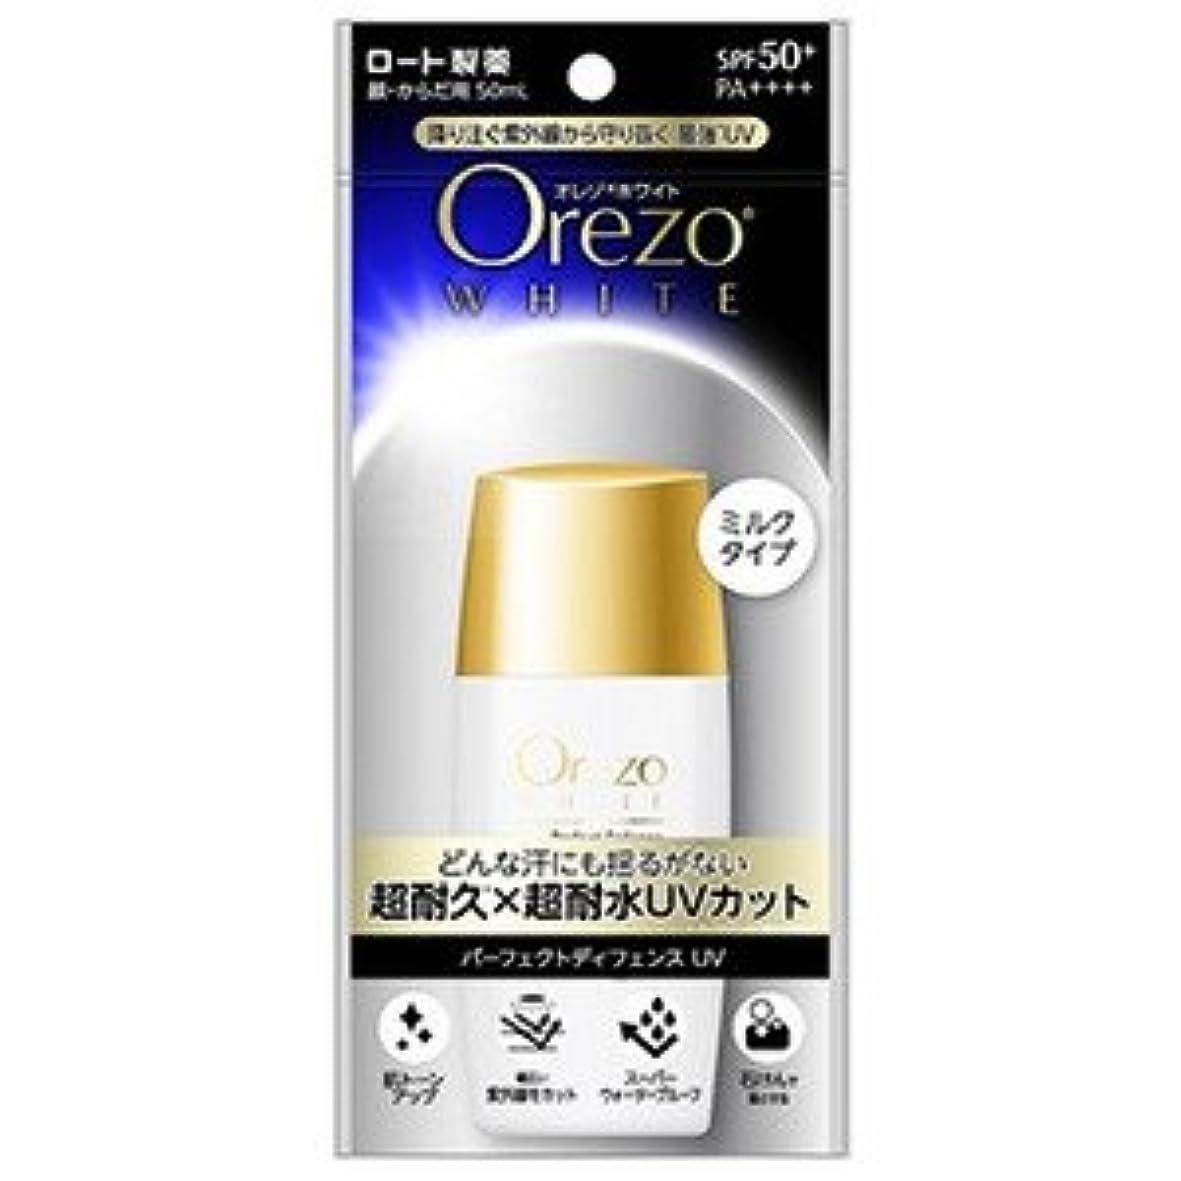 サンダルプロポーショナル飾り羽ロート製薬 Orezo オレゾ ホワイト パーフェクトディフェンスUVa SPF50+ PA++++ (50mL)